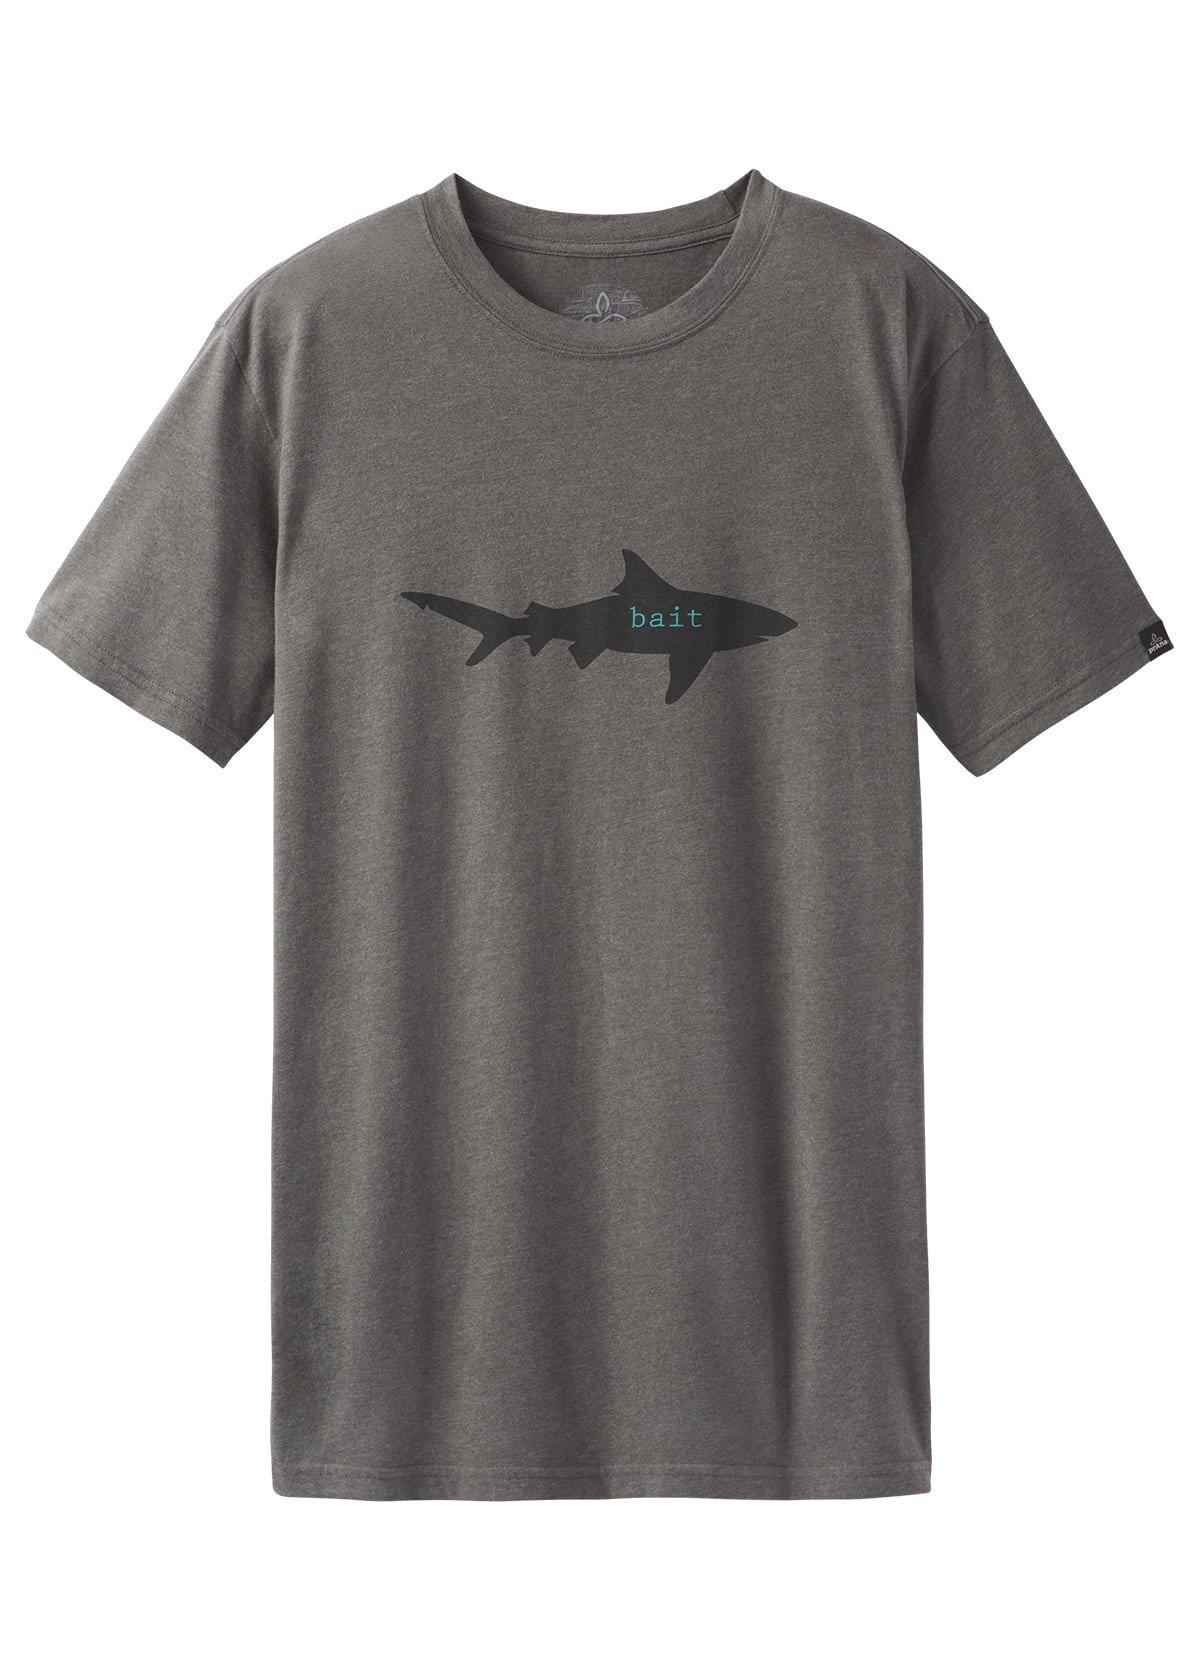 prAna Shark Bait Journeyman Tee Shirt JR1SBT